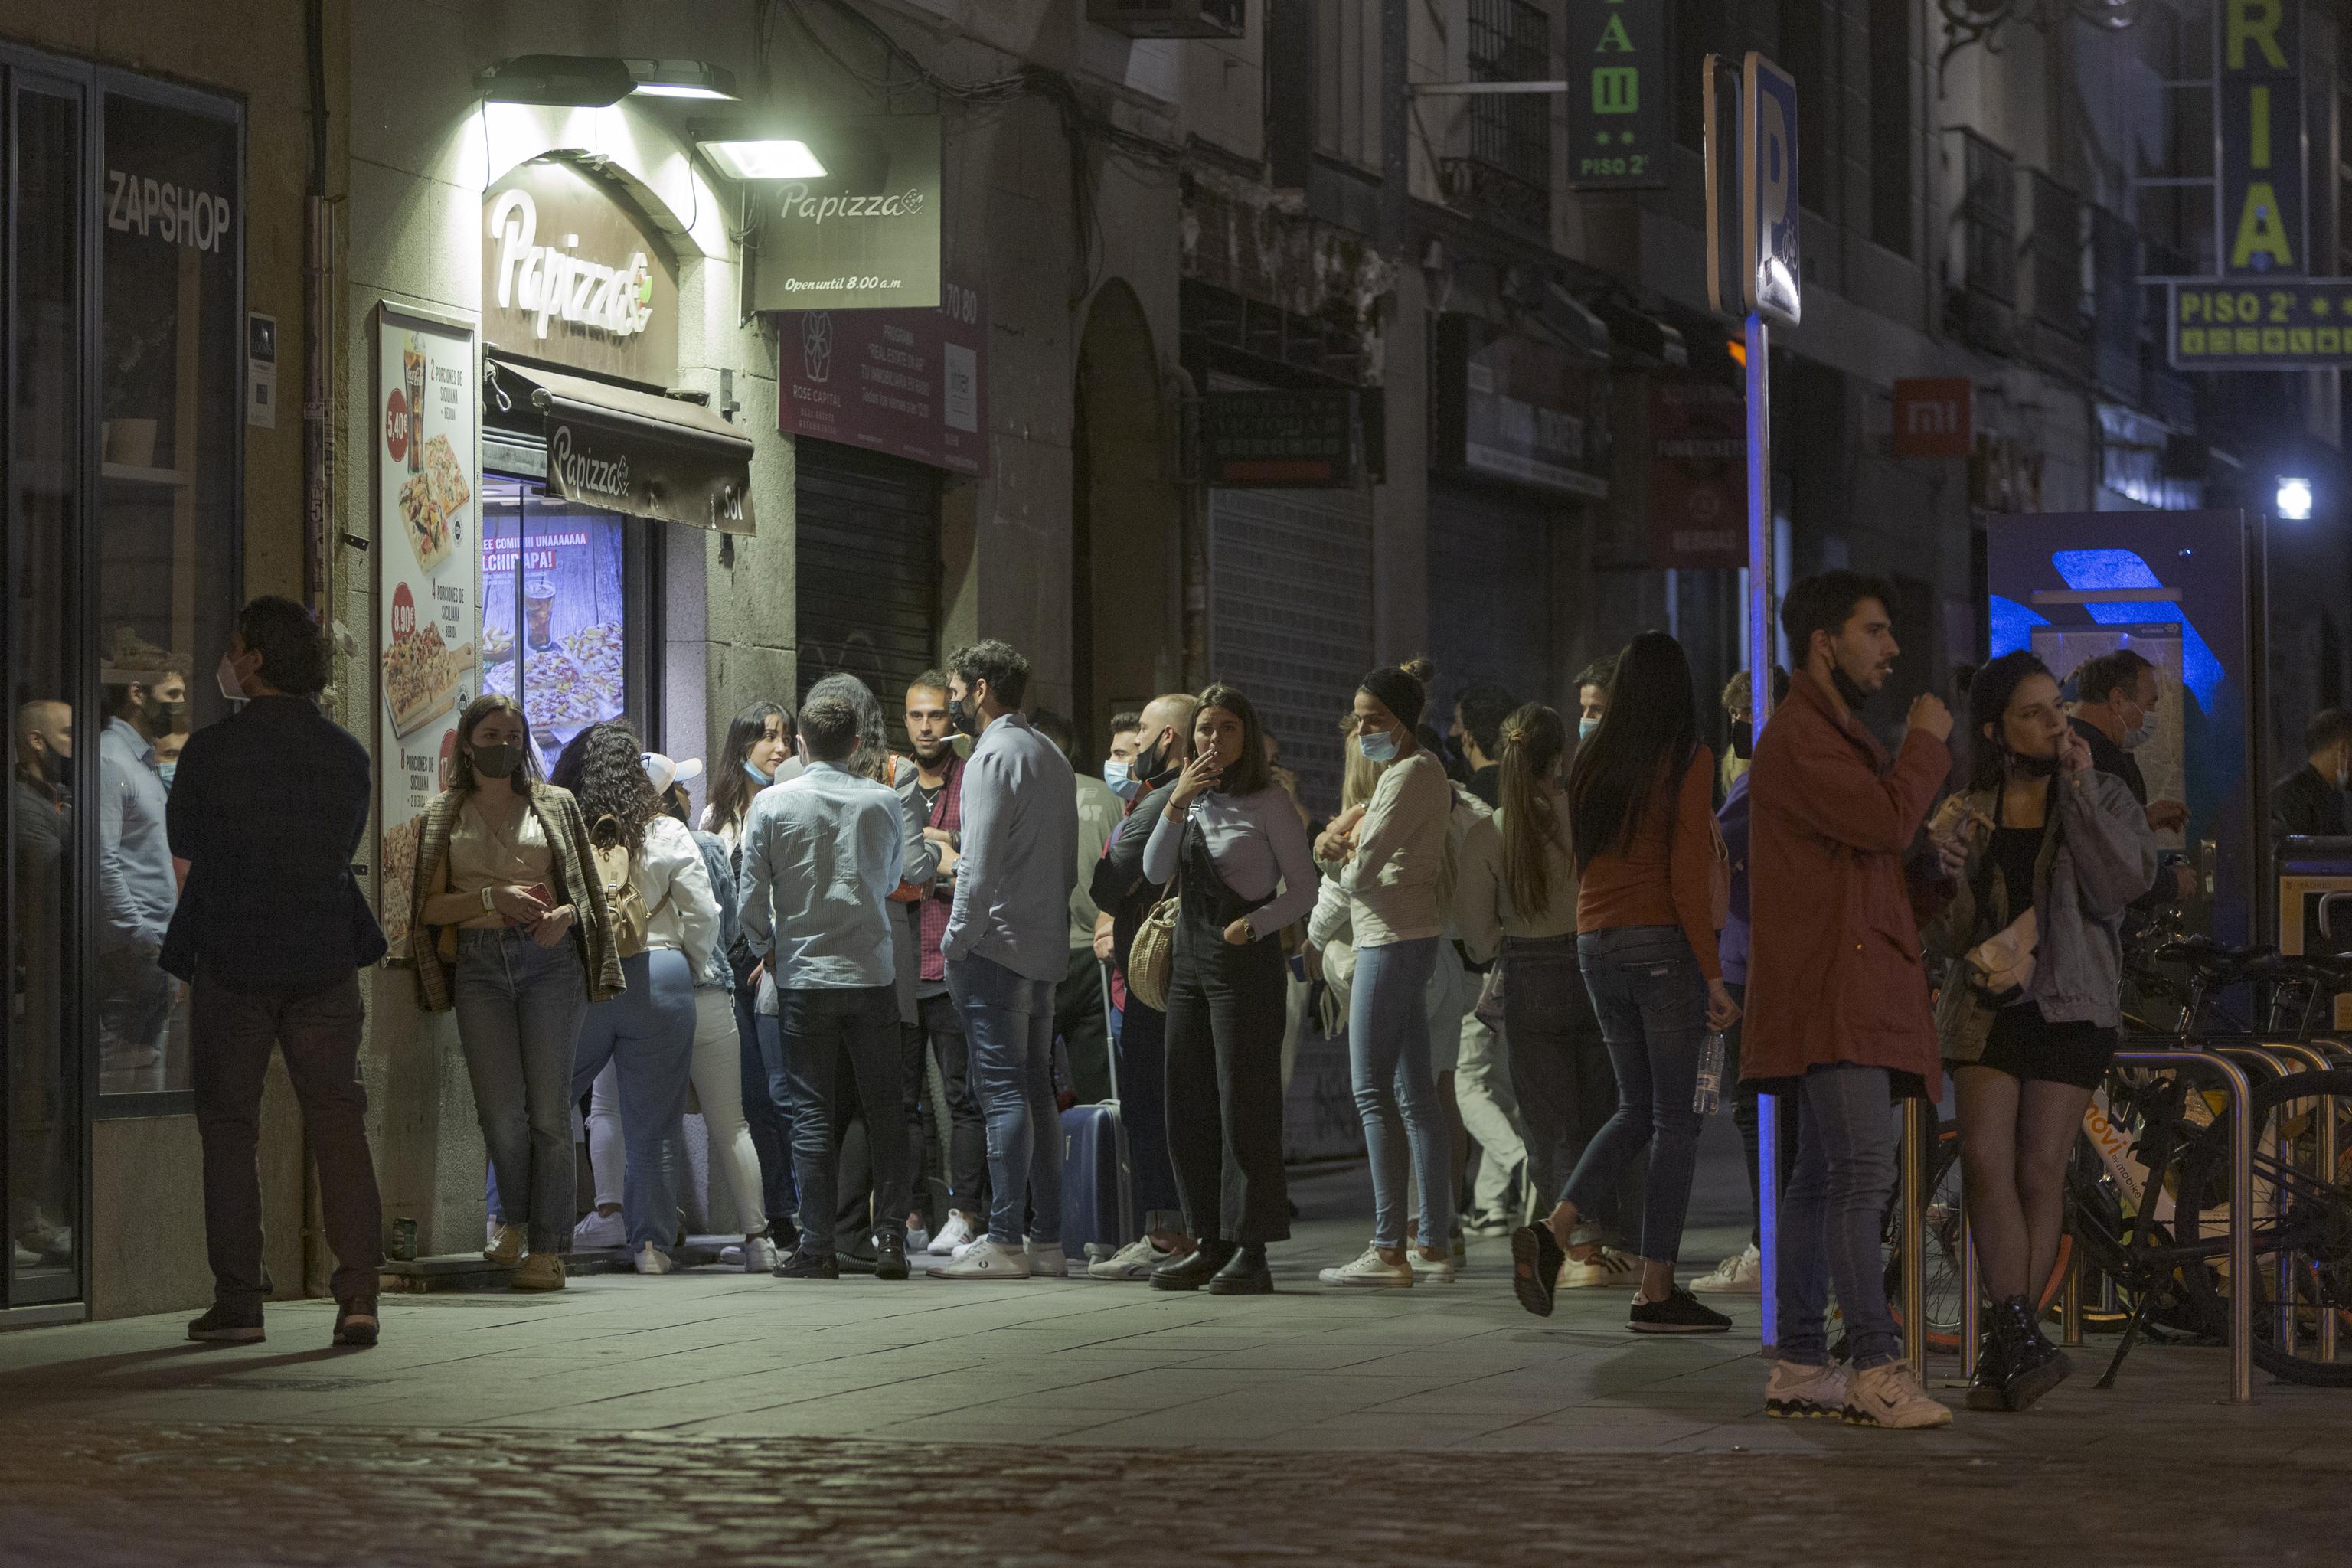 Un botellón producto de la aglomeración de personas frente al establecimiento de Pa Pizza.